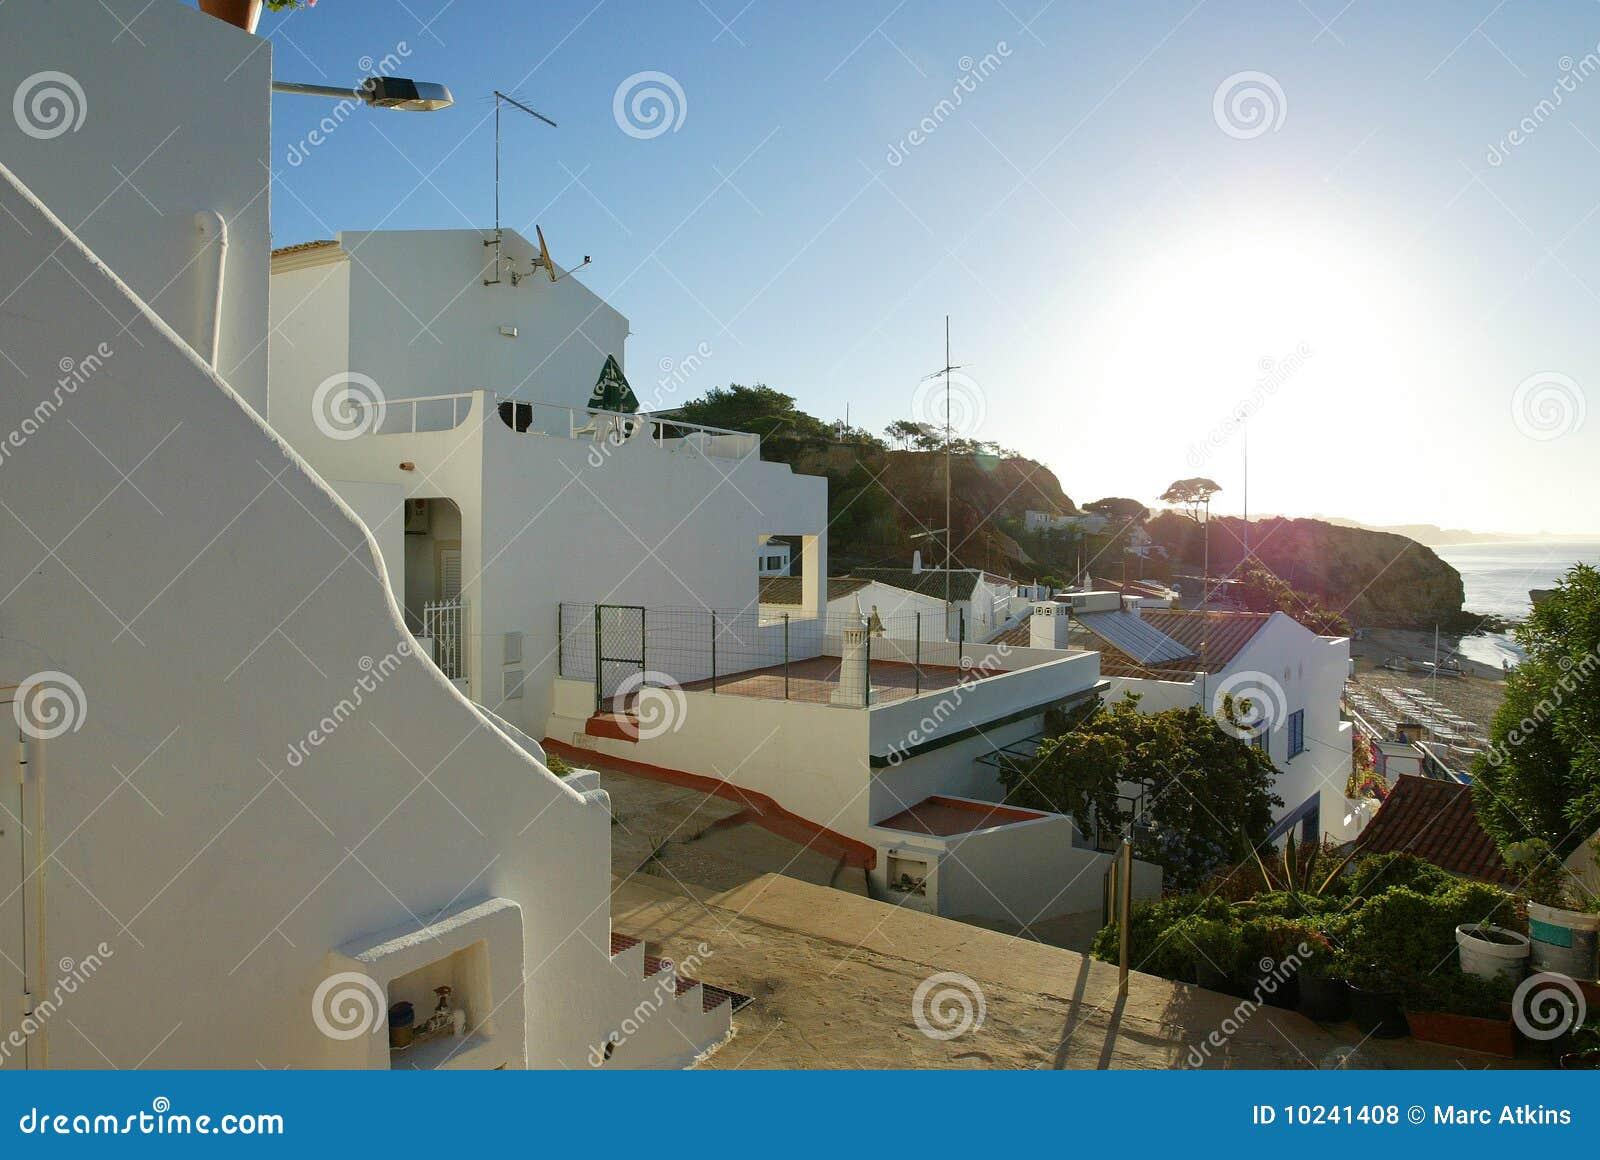 Nascer do sol Olhos D agua do Algarve, Algrave, Portugal